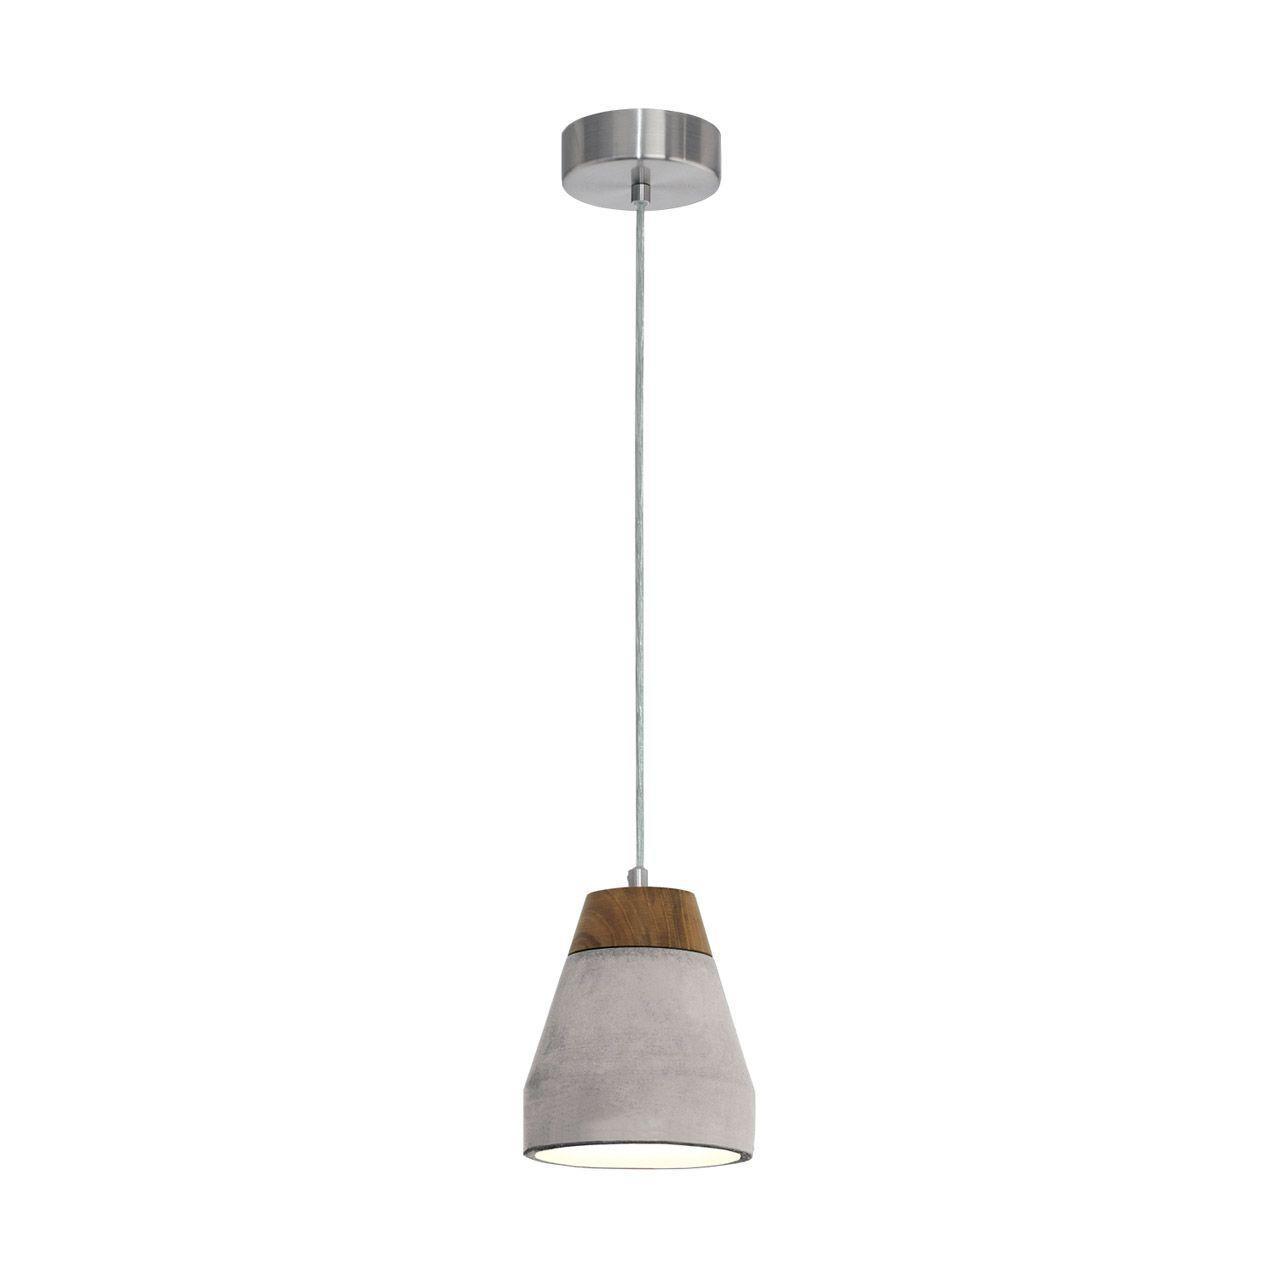 Подвесной светильник Eglo Tarega 95525 eglo подвесная люстра eglo tarega 95526